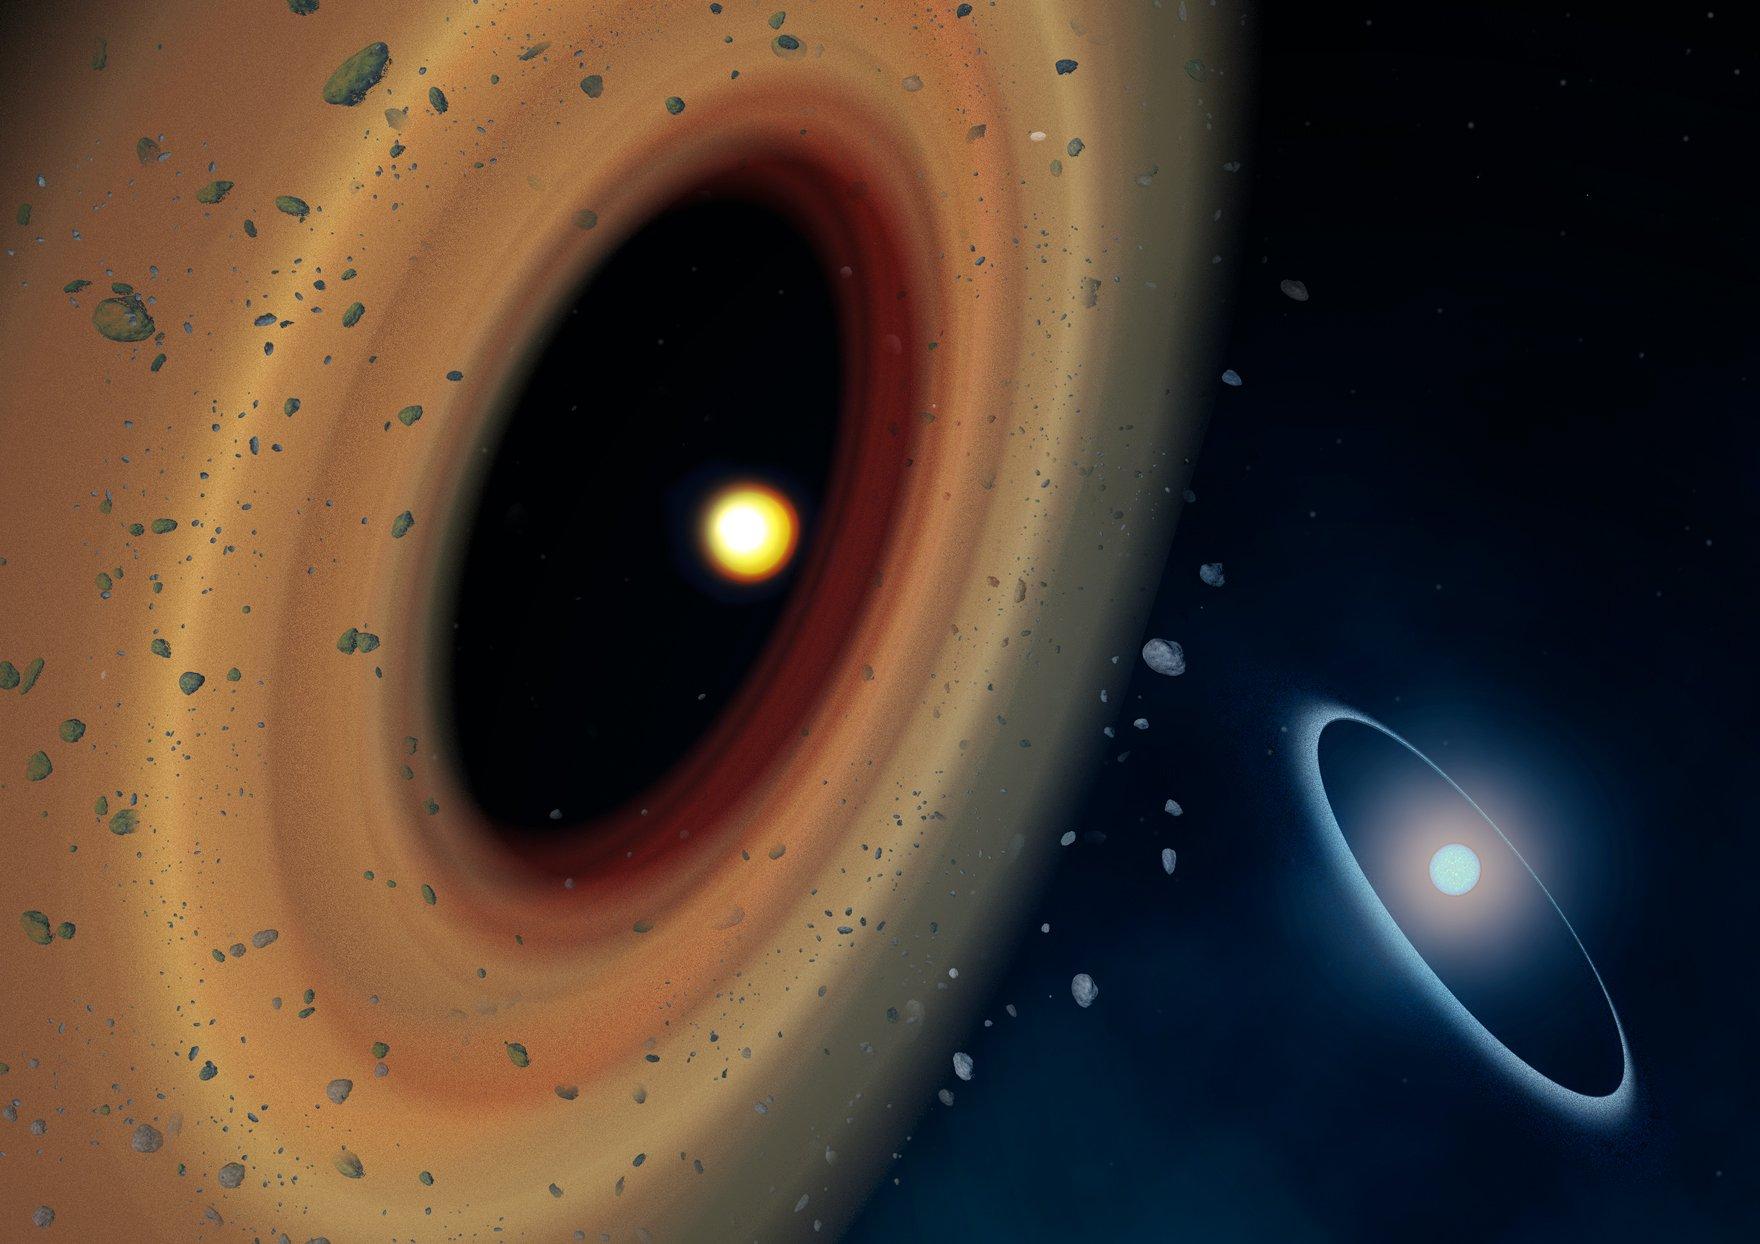 Ученые впервые получили снимок «бублика» вокруг черной дыры